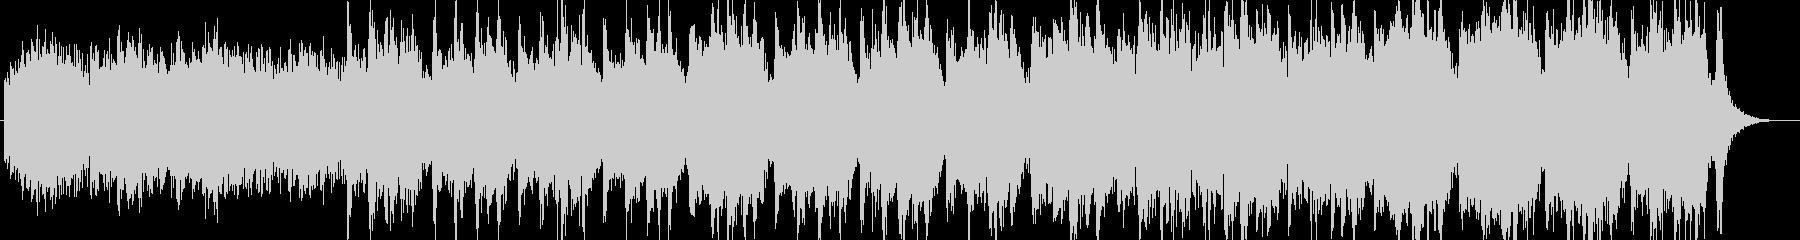 実験的 ロック ポストロック 現代...の未再生の波形